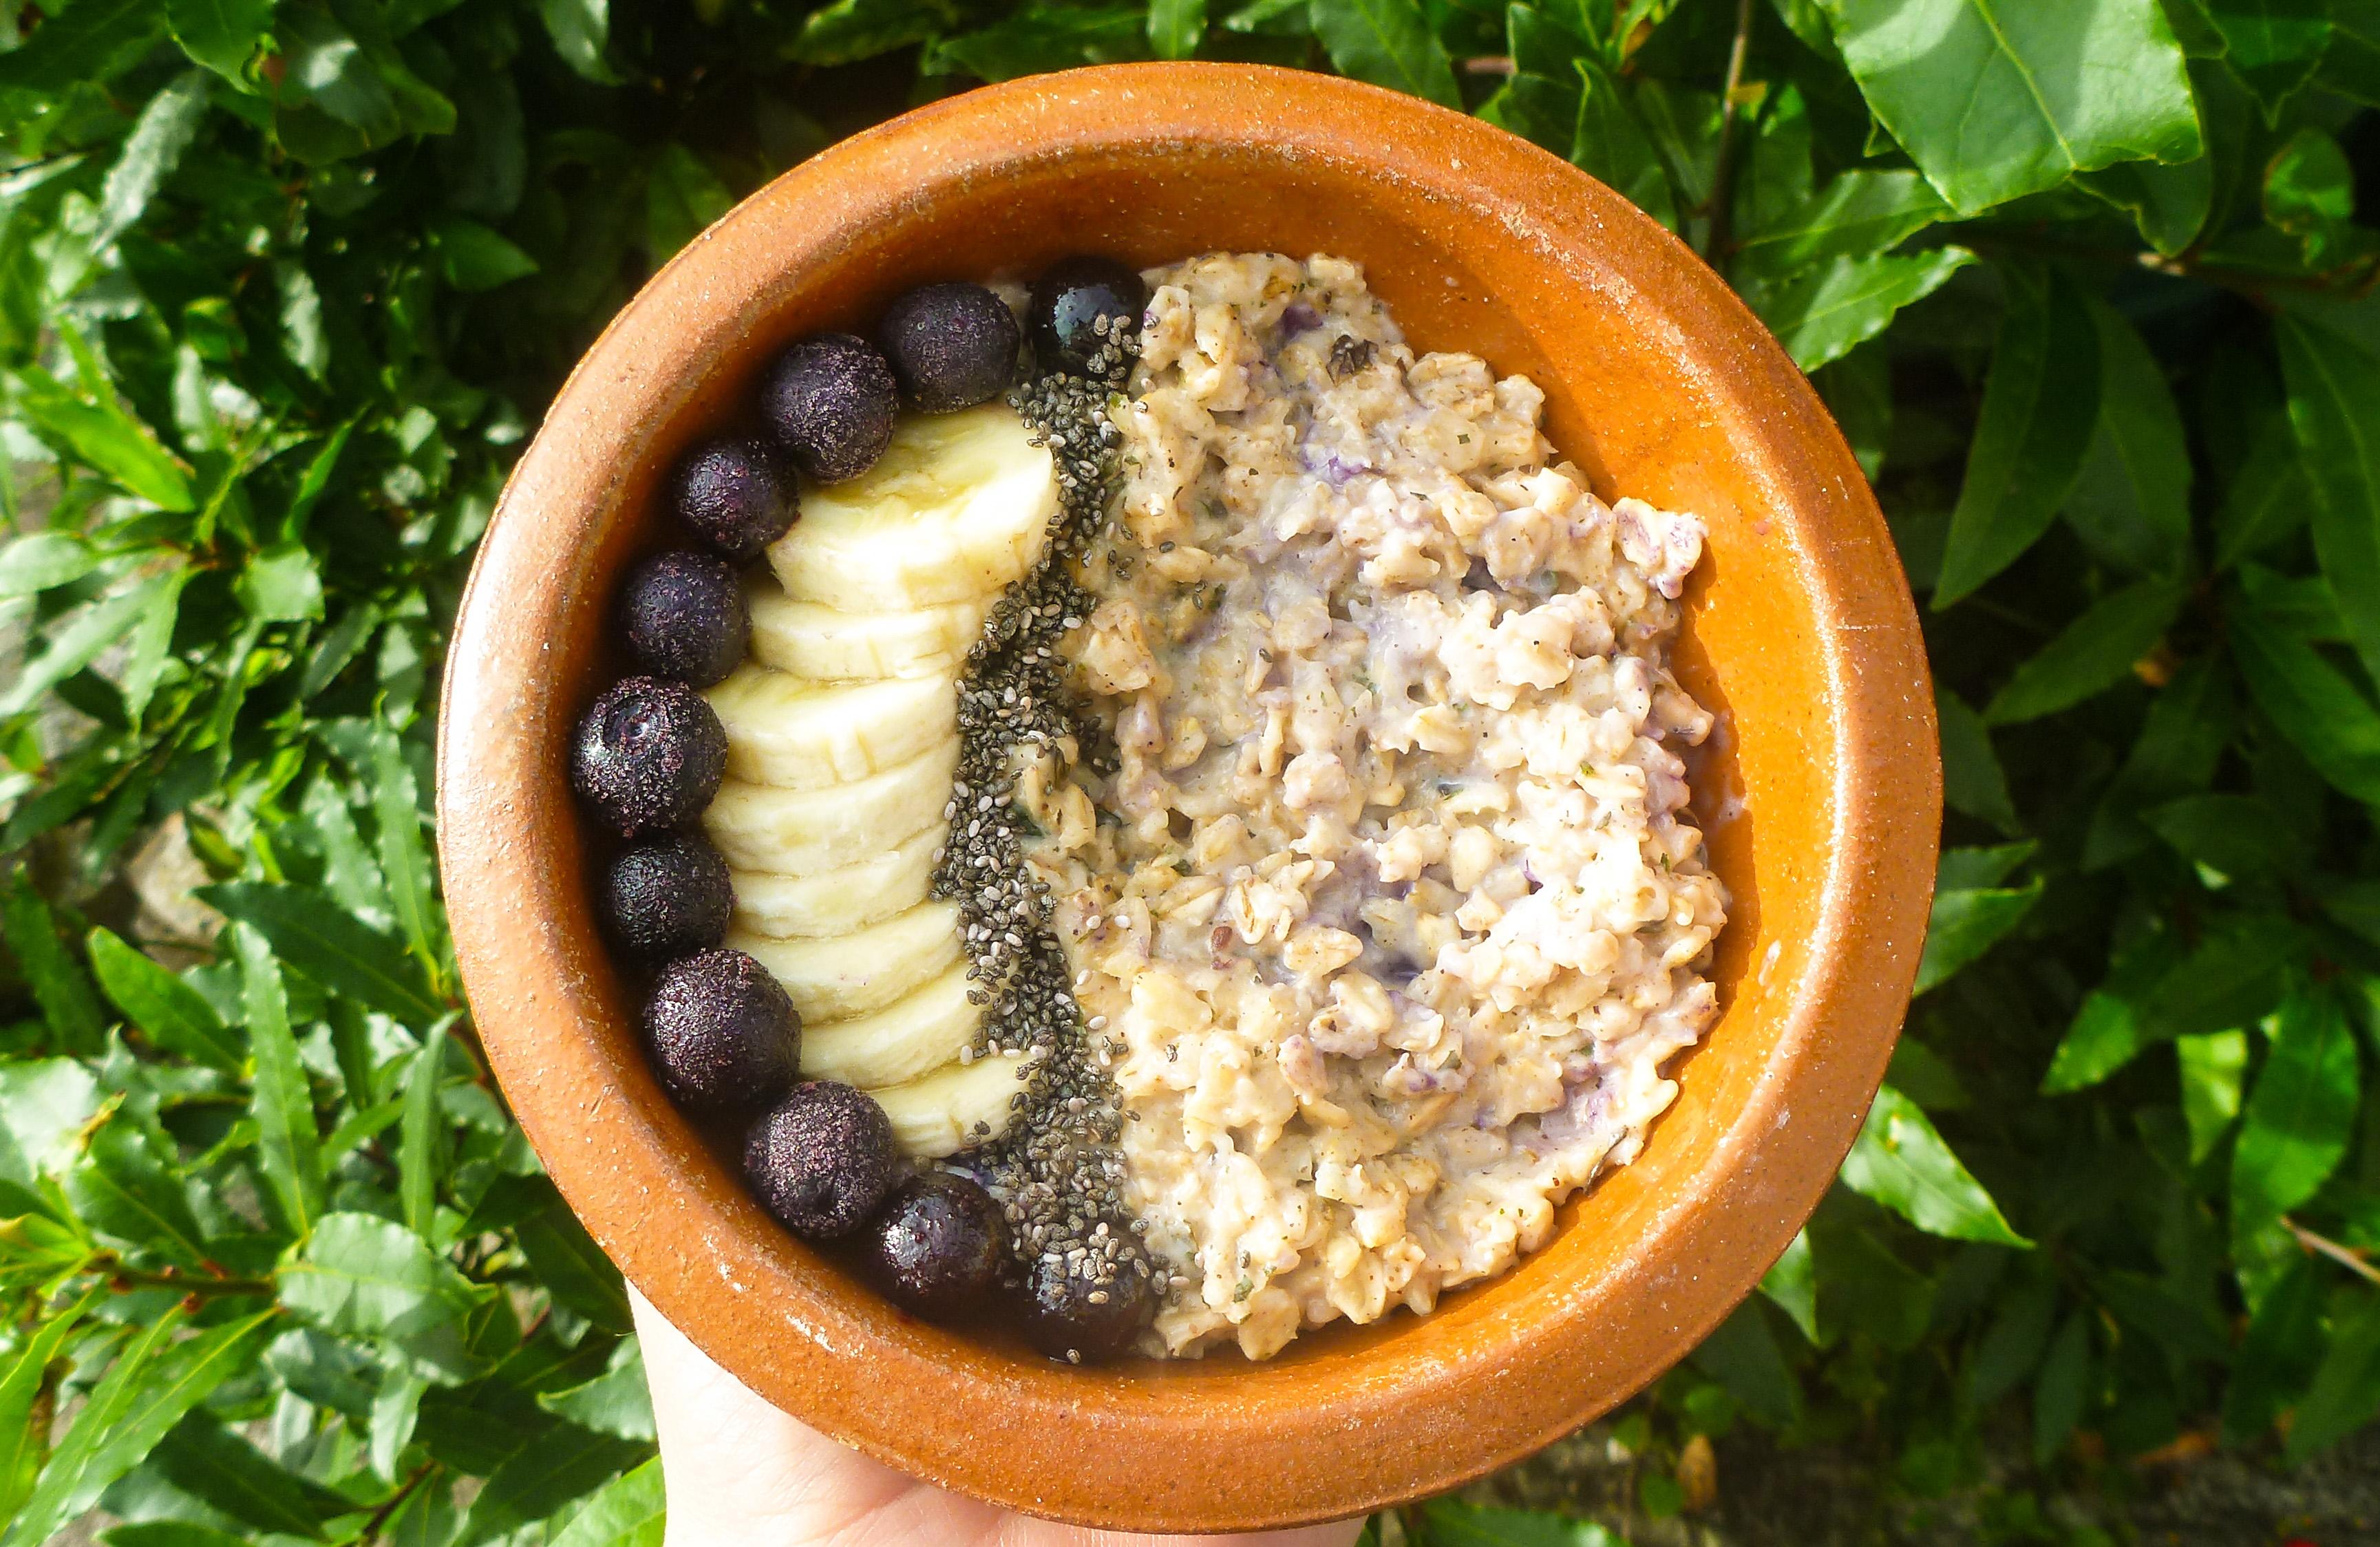 Lemon Balm & Blueberry Porridge for a Merry Heart